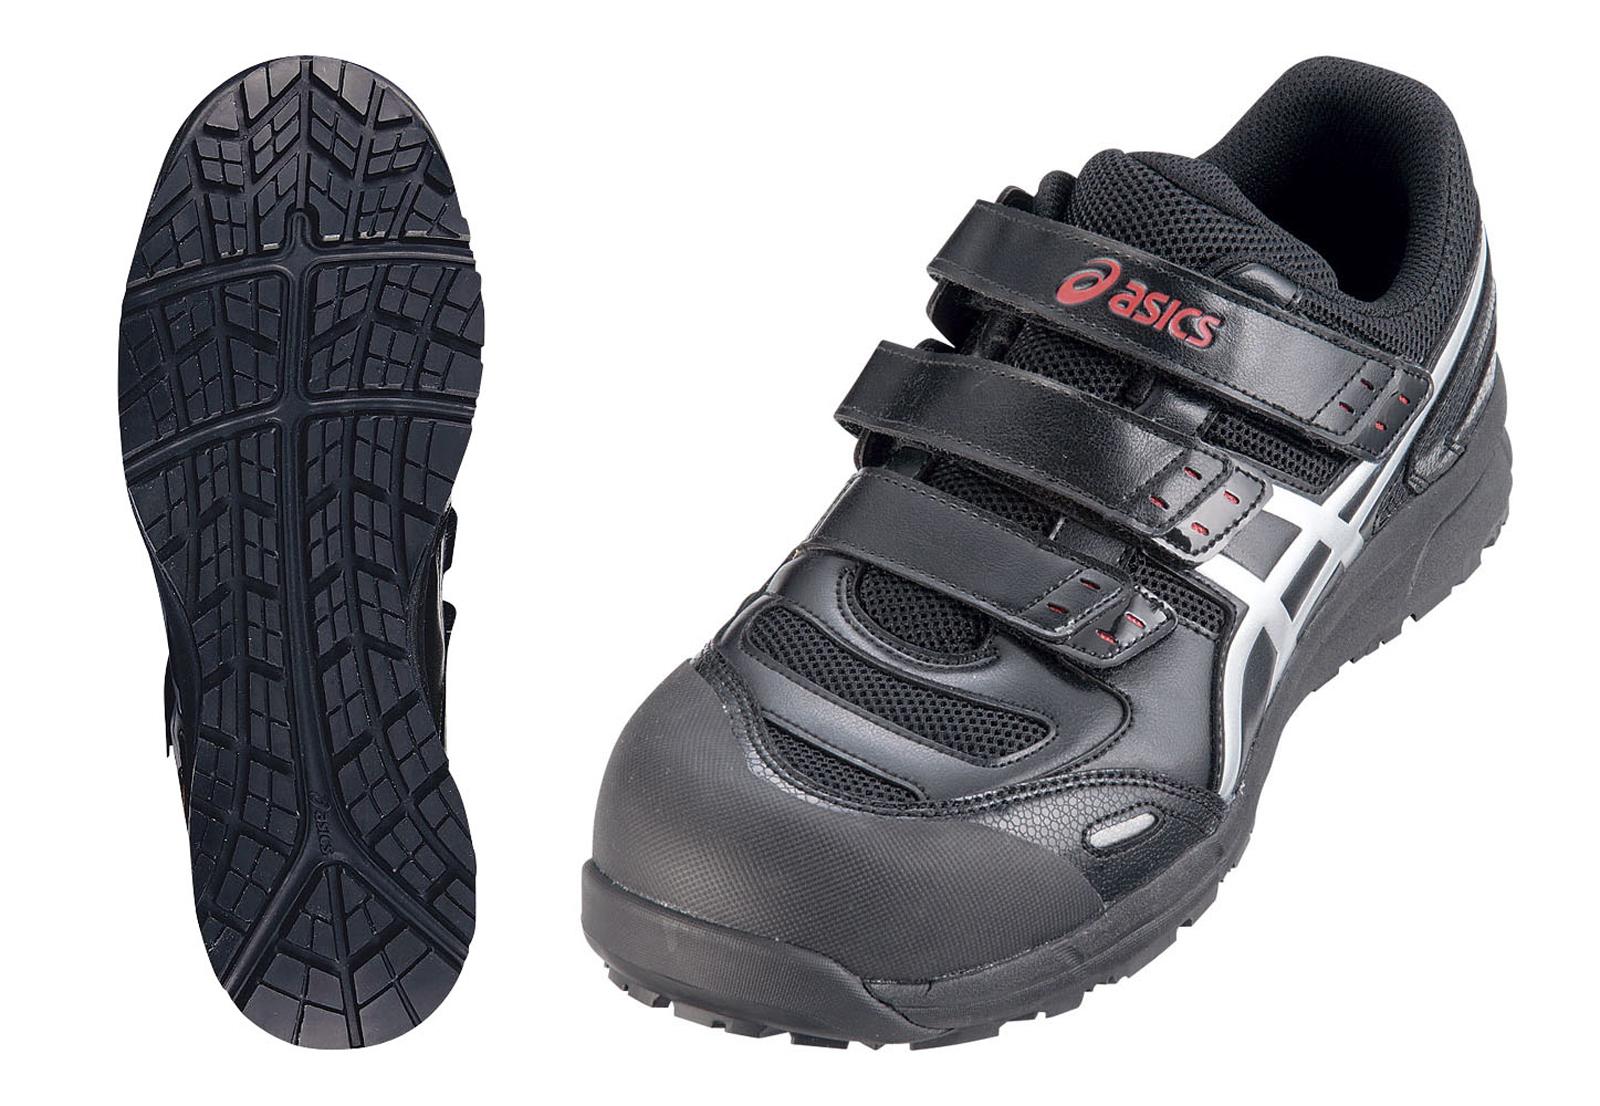 アシックス ウィンジョブ安全靴CP102 BK×シルバー 24.0cm 6-1309-0701【厨房用品 長靴 白衣 靴 サンダル スリッパ 業務用 販売 通販】[10P03Dec16]